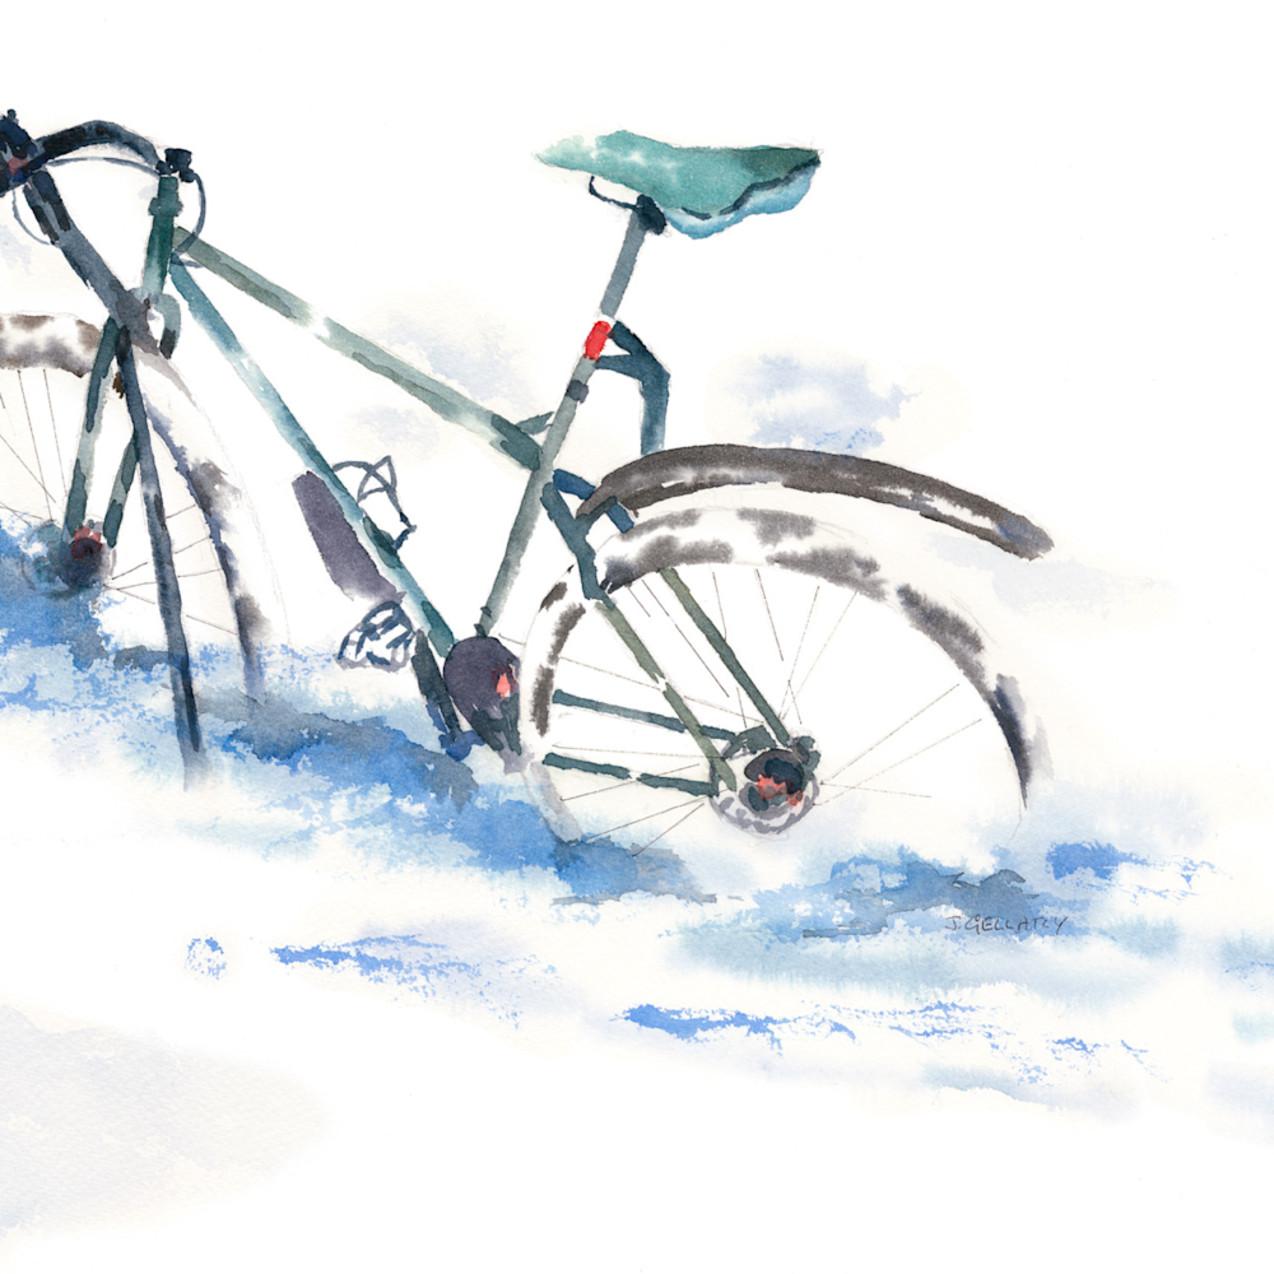 Mike s bike v97jmv